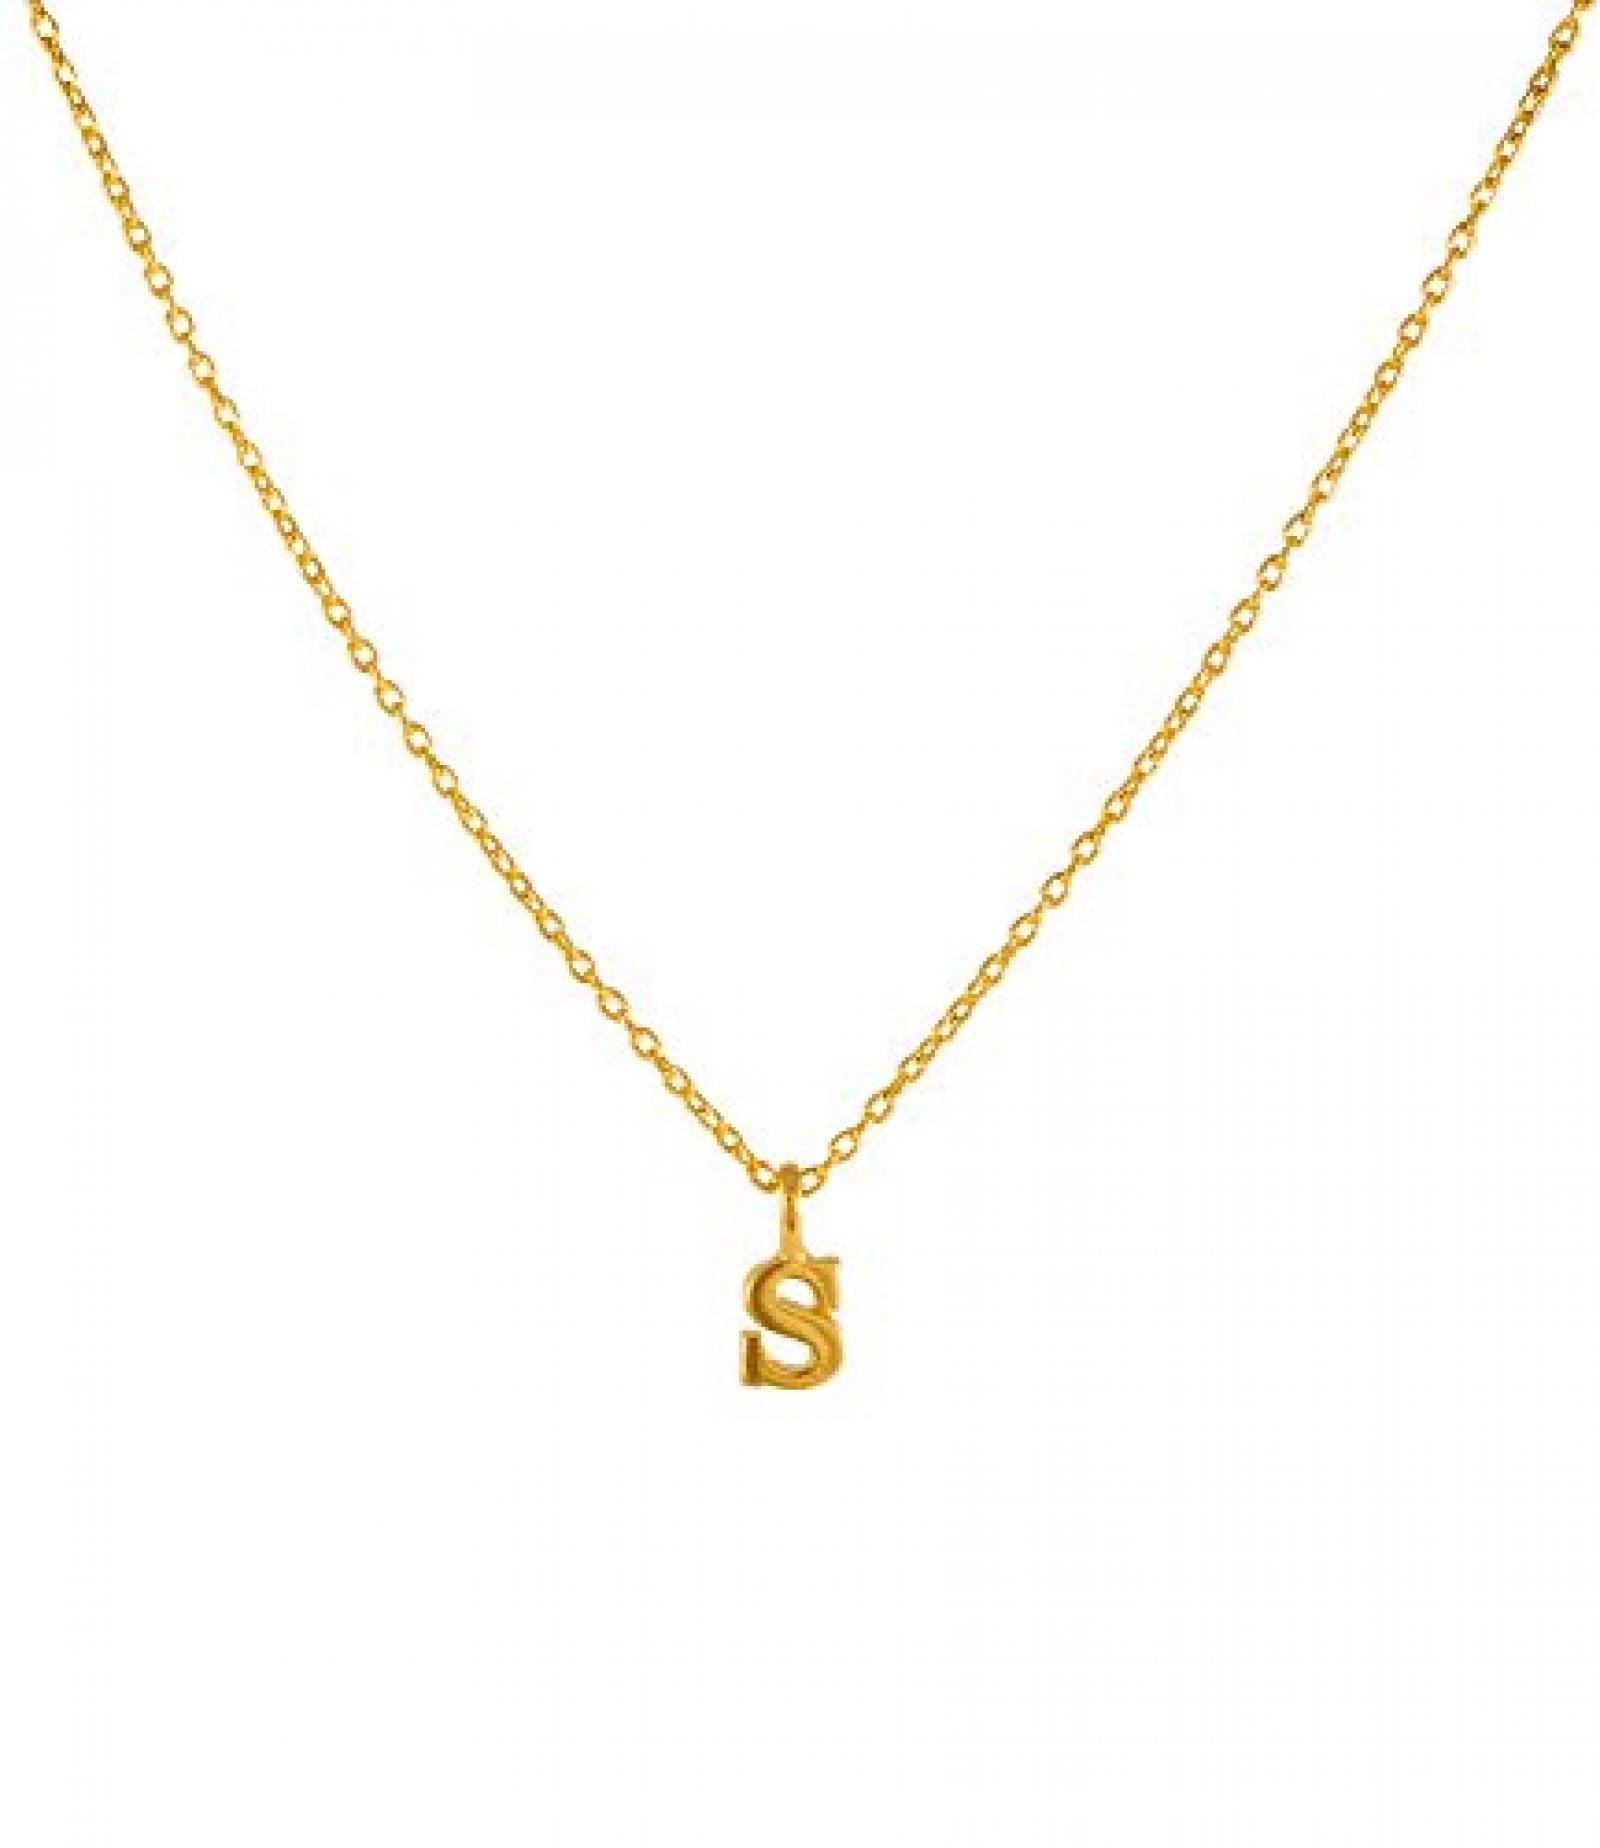 """SIX feine gold beschichtete Kette aus 925er Silber mit """"S""""-Anhänger (22-938)"""